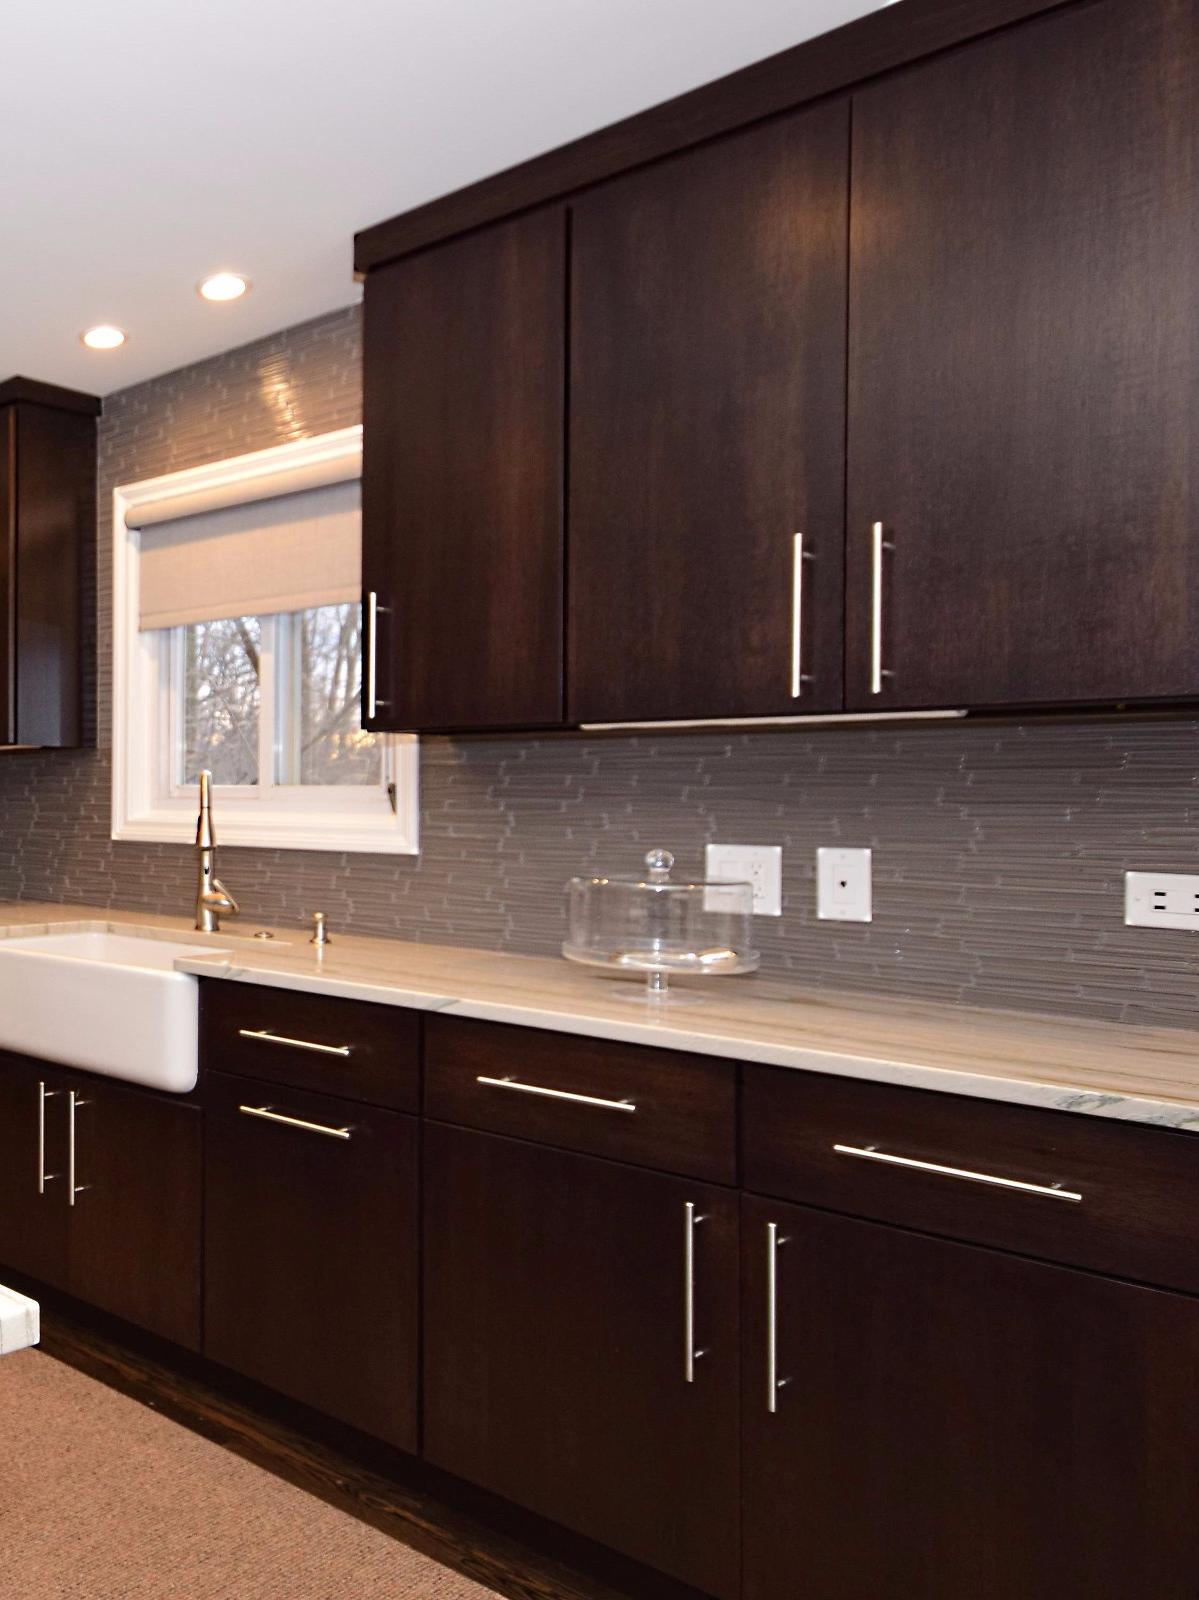 Flat Kitchen Designs: Kitchen Cabinet Styles, Kitchen